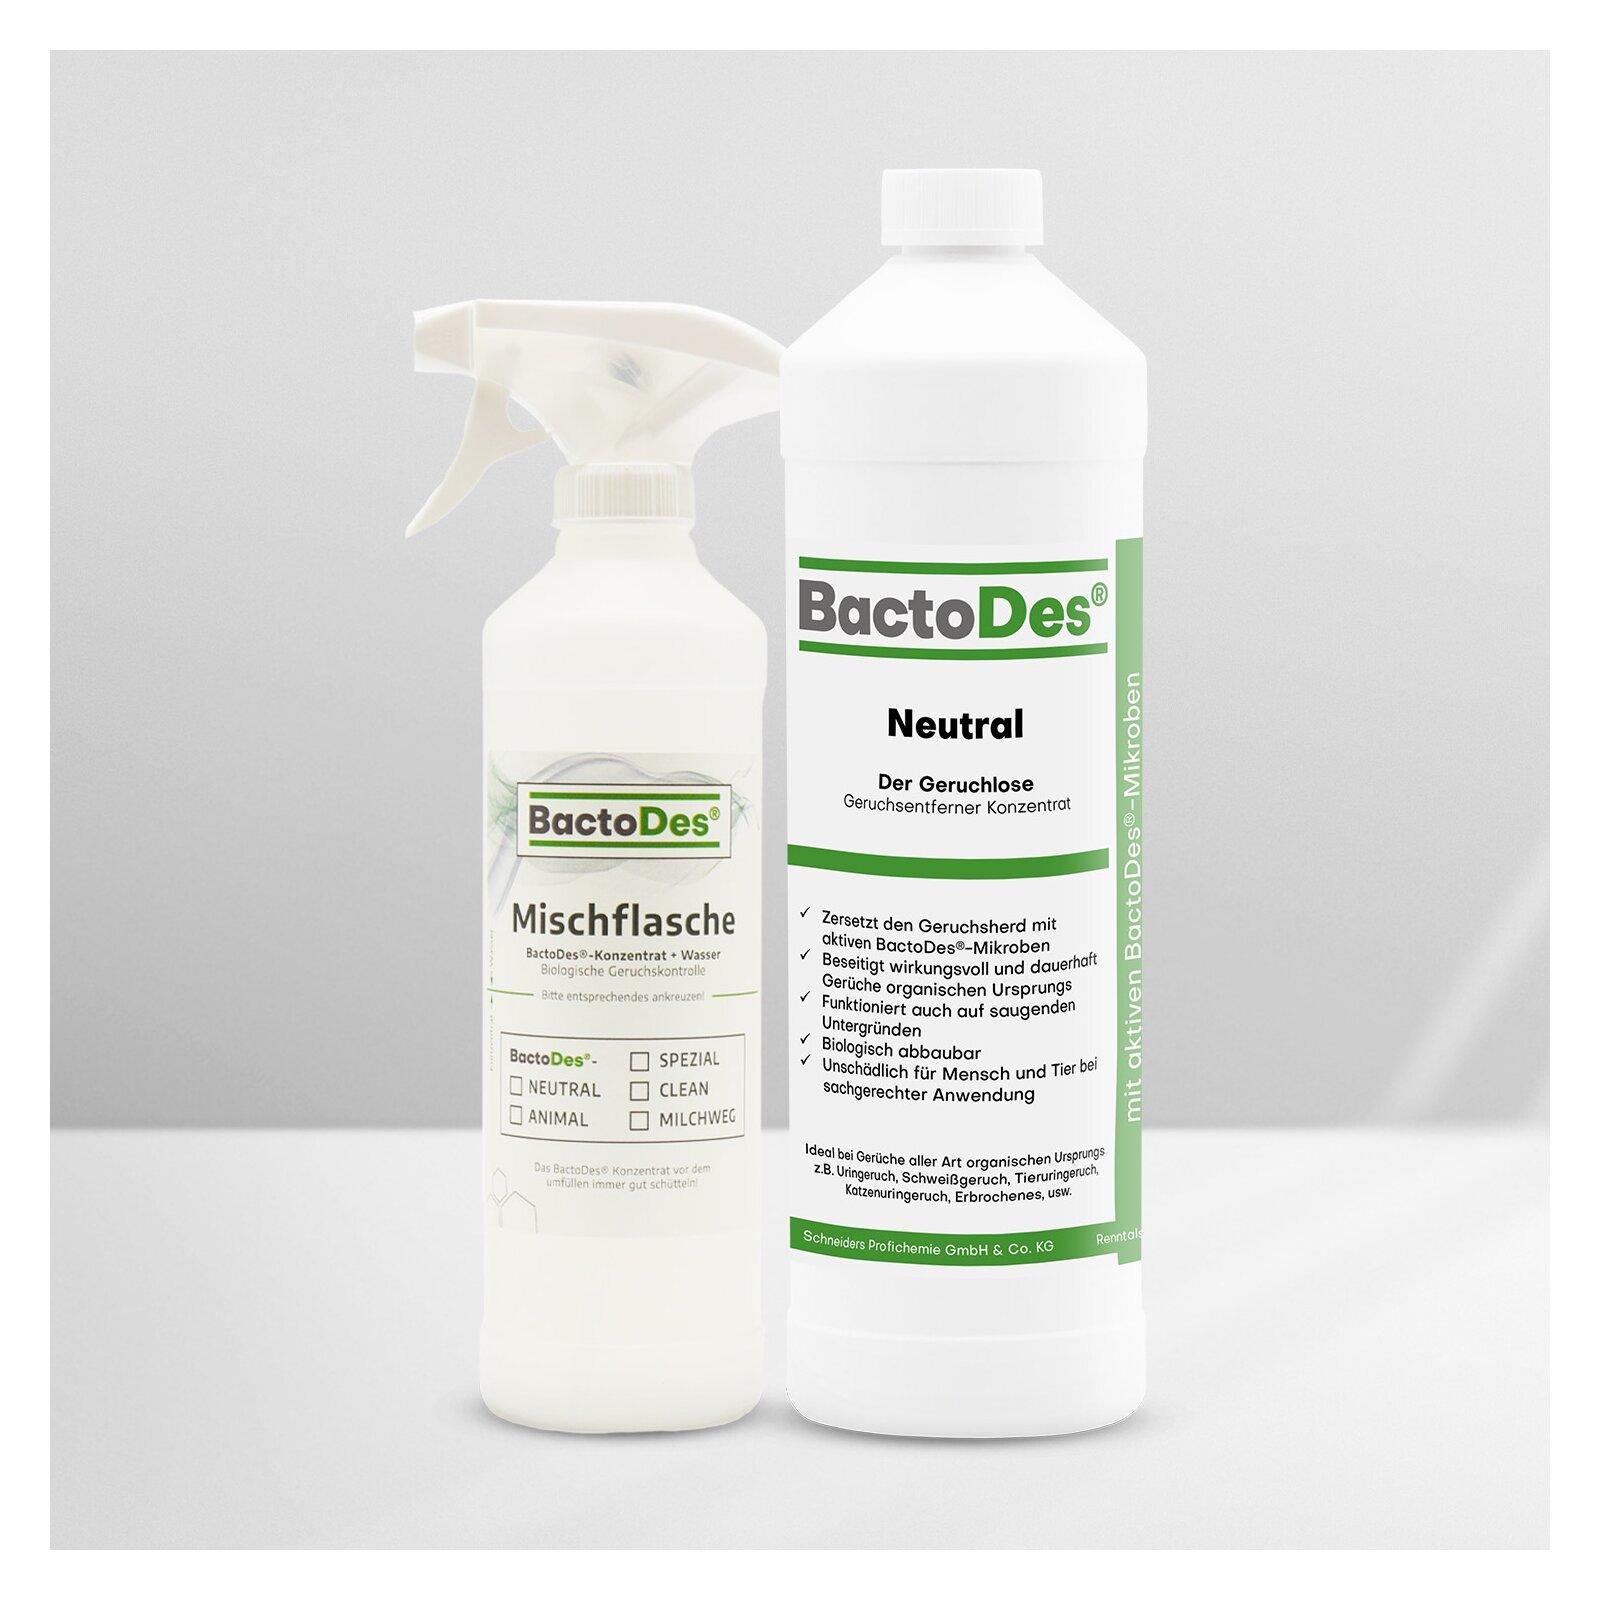 BactoDes-Neutral Geruchskiller und Geruchsneutralisierer ohne Parfümierung